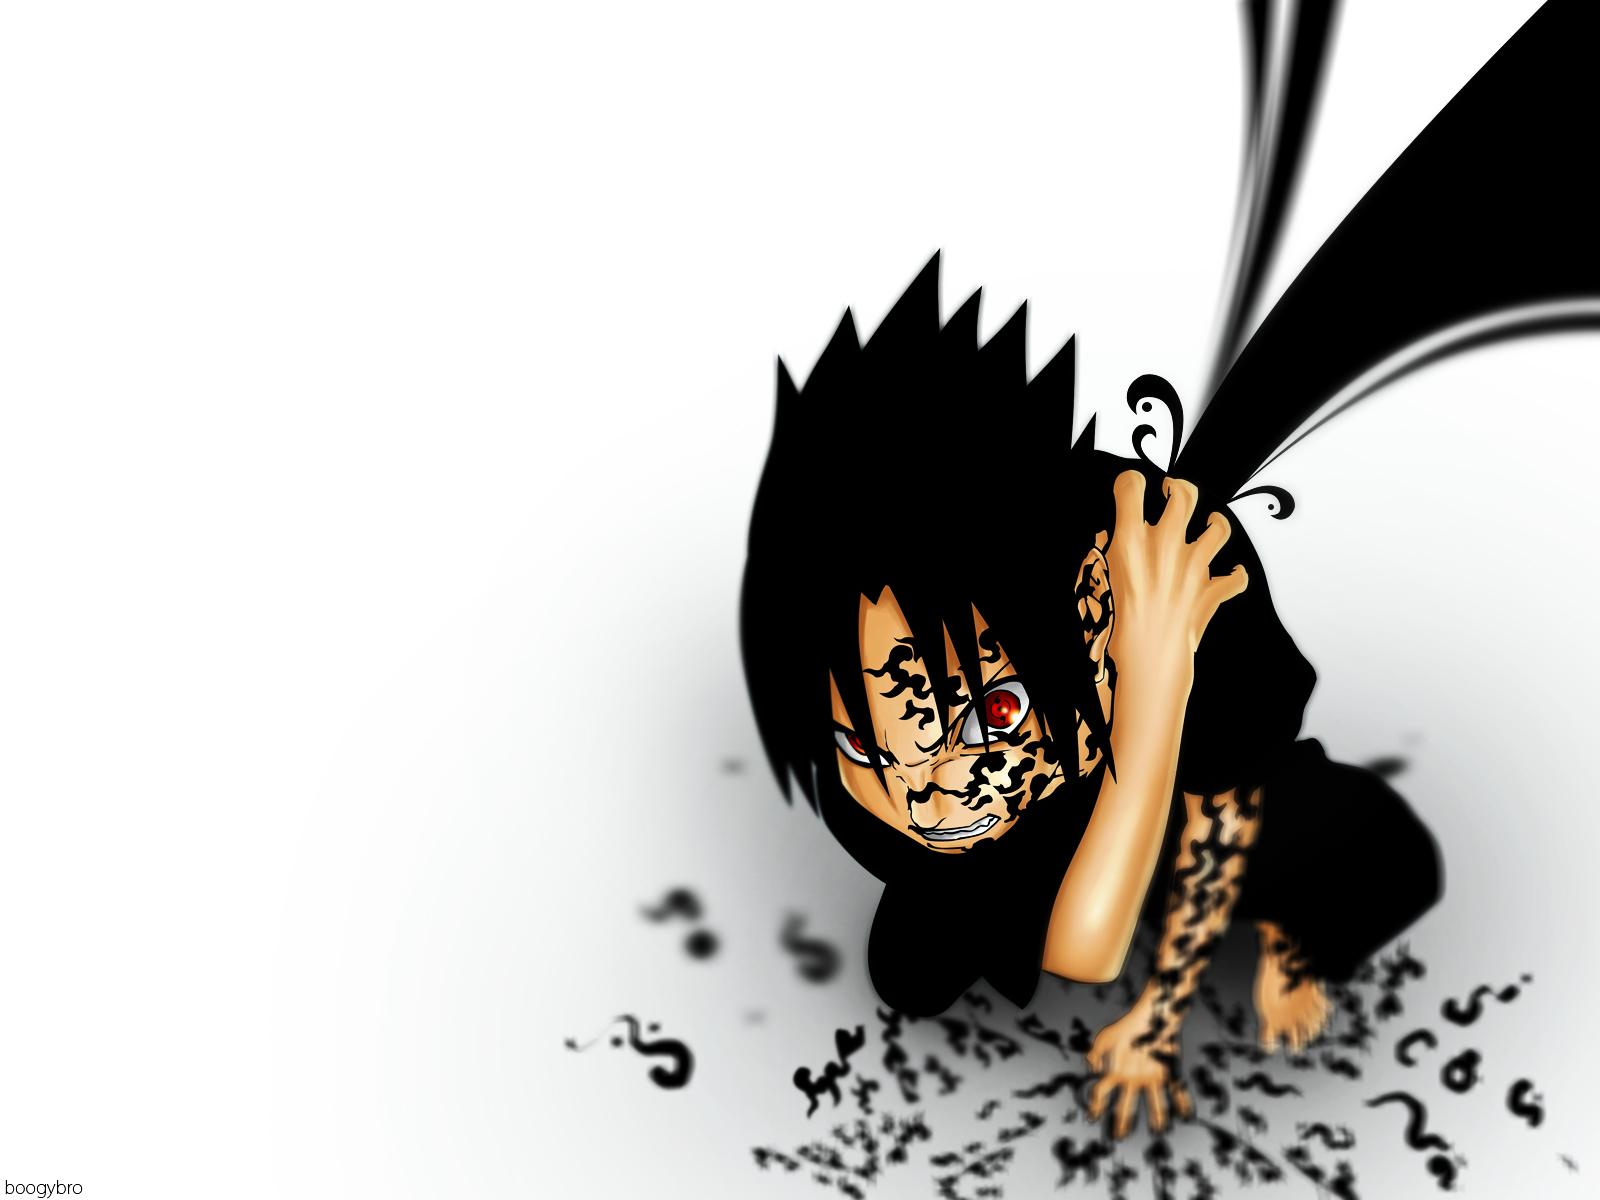 Awesome Sasuke Hd Wallpaper ImageBankbiz 1600x1200